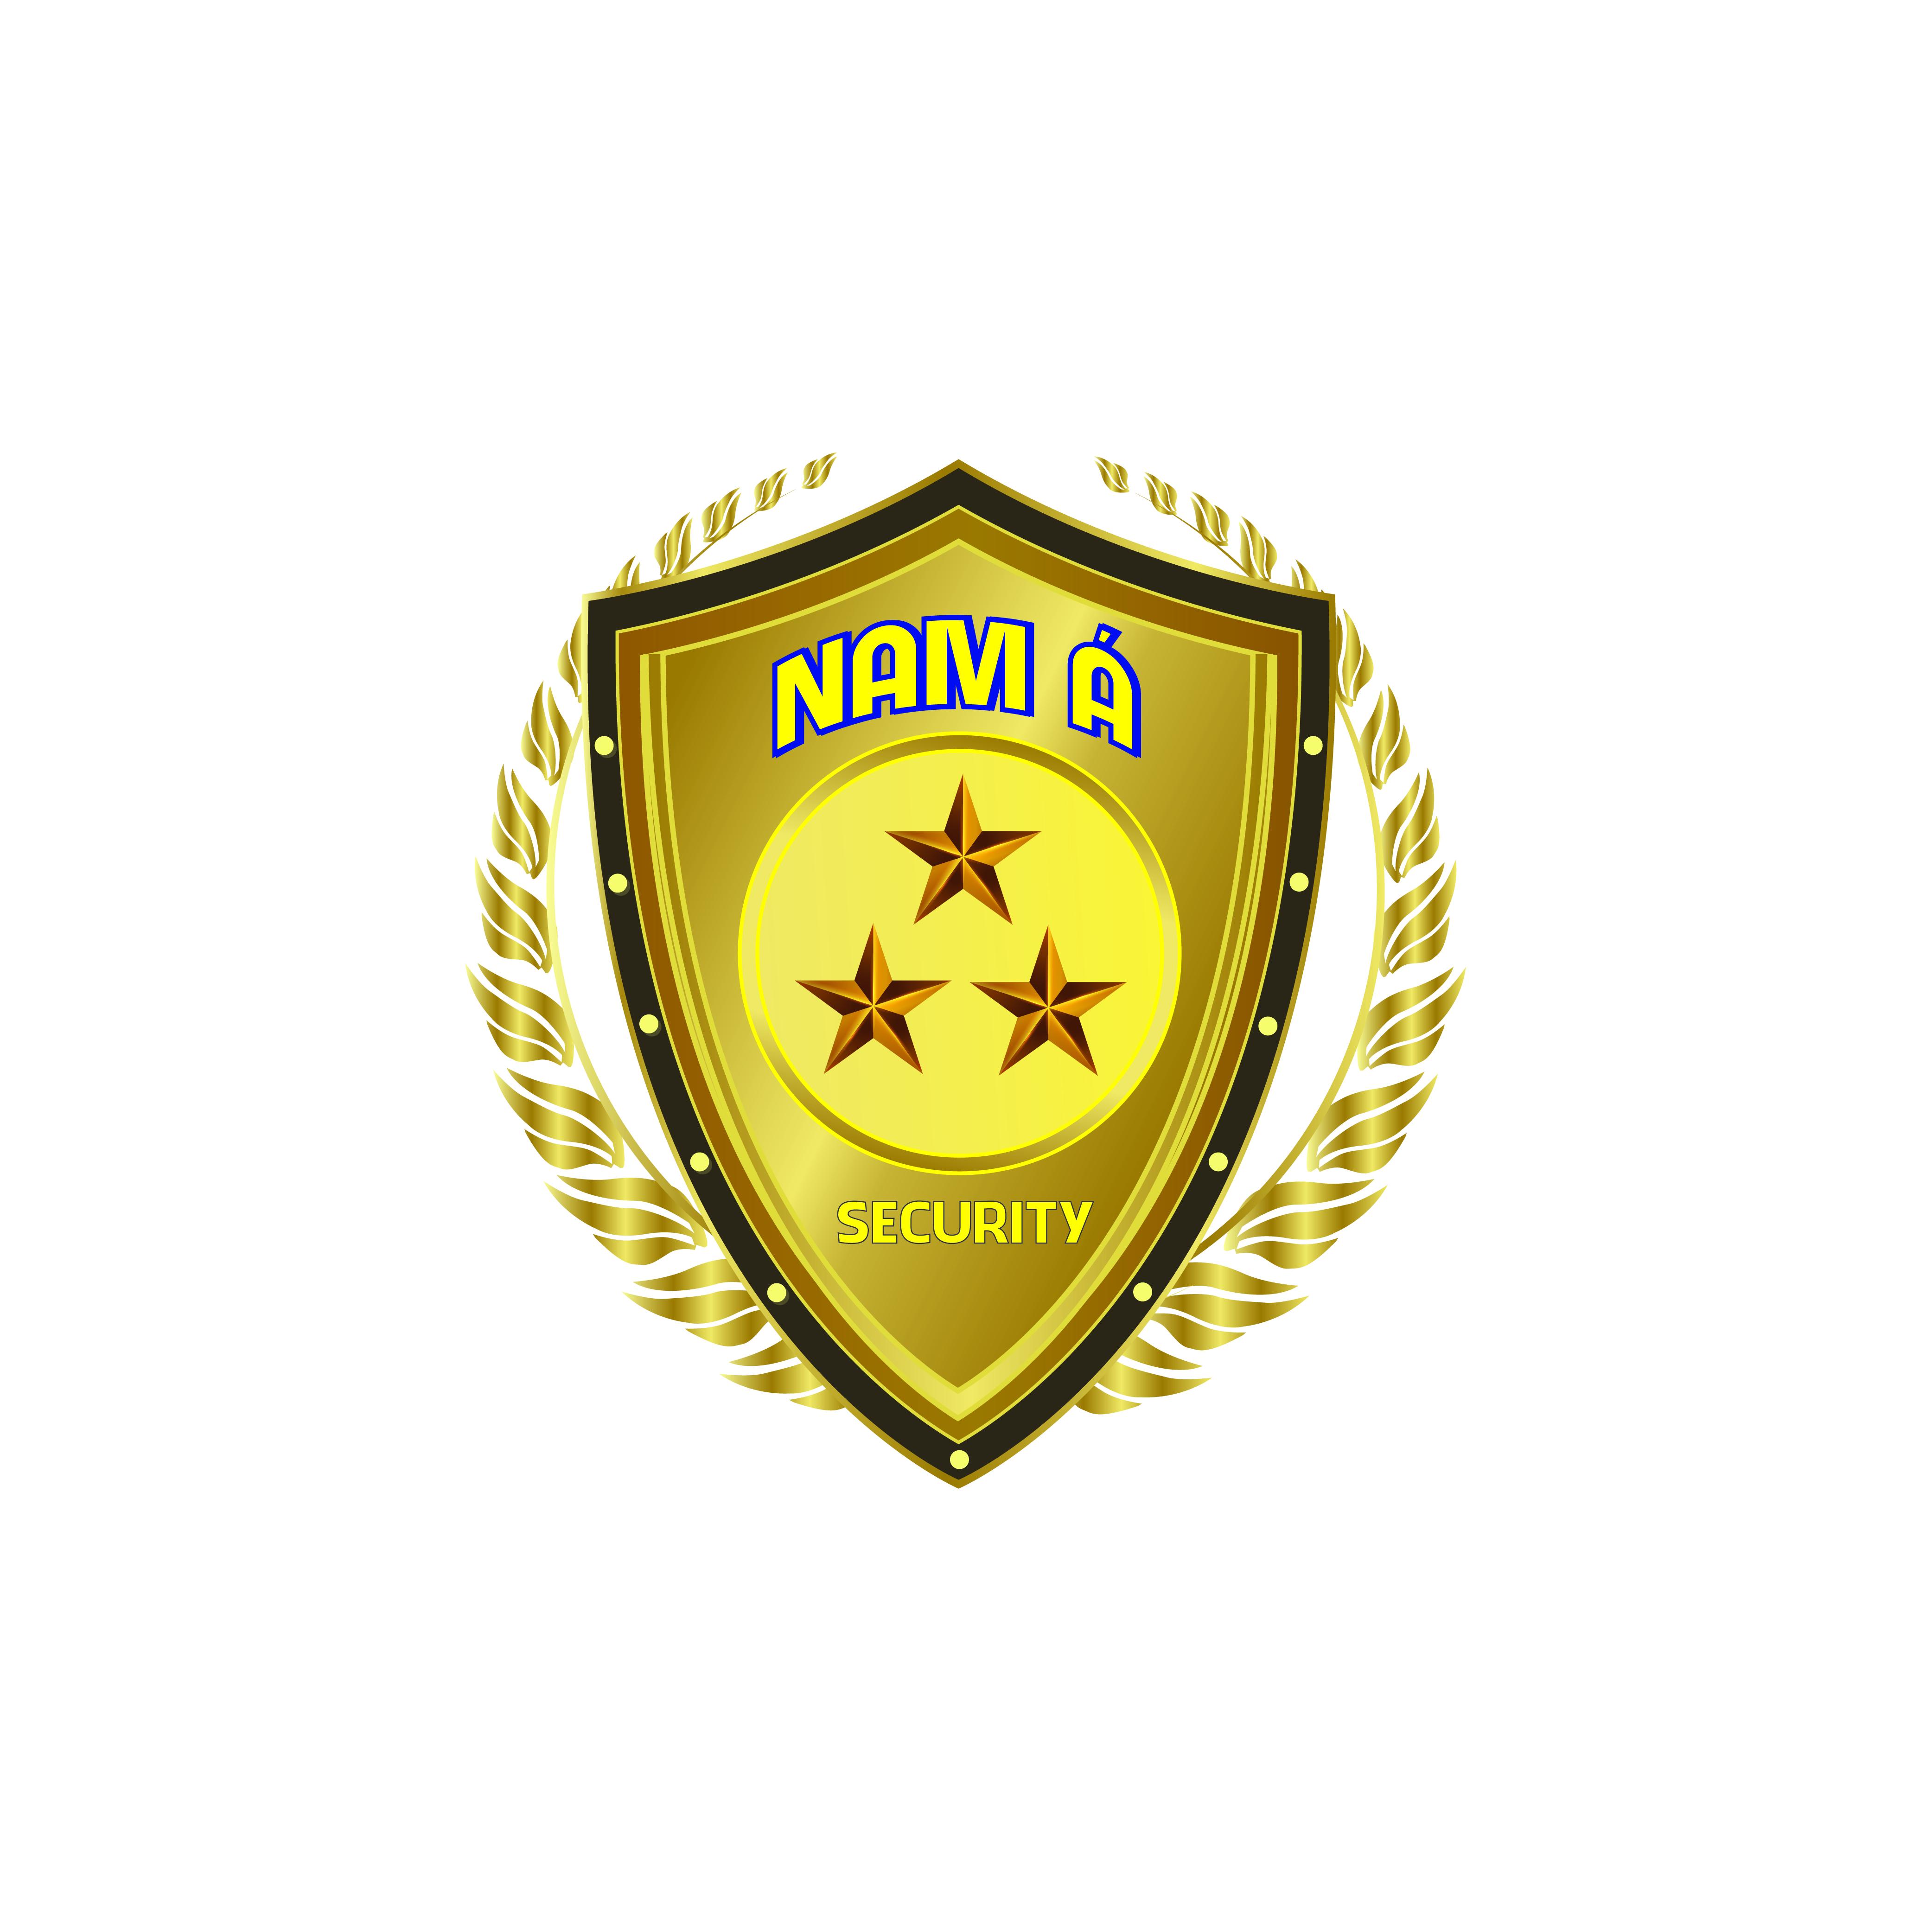 Công ty bảo vệ Nam Á